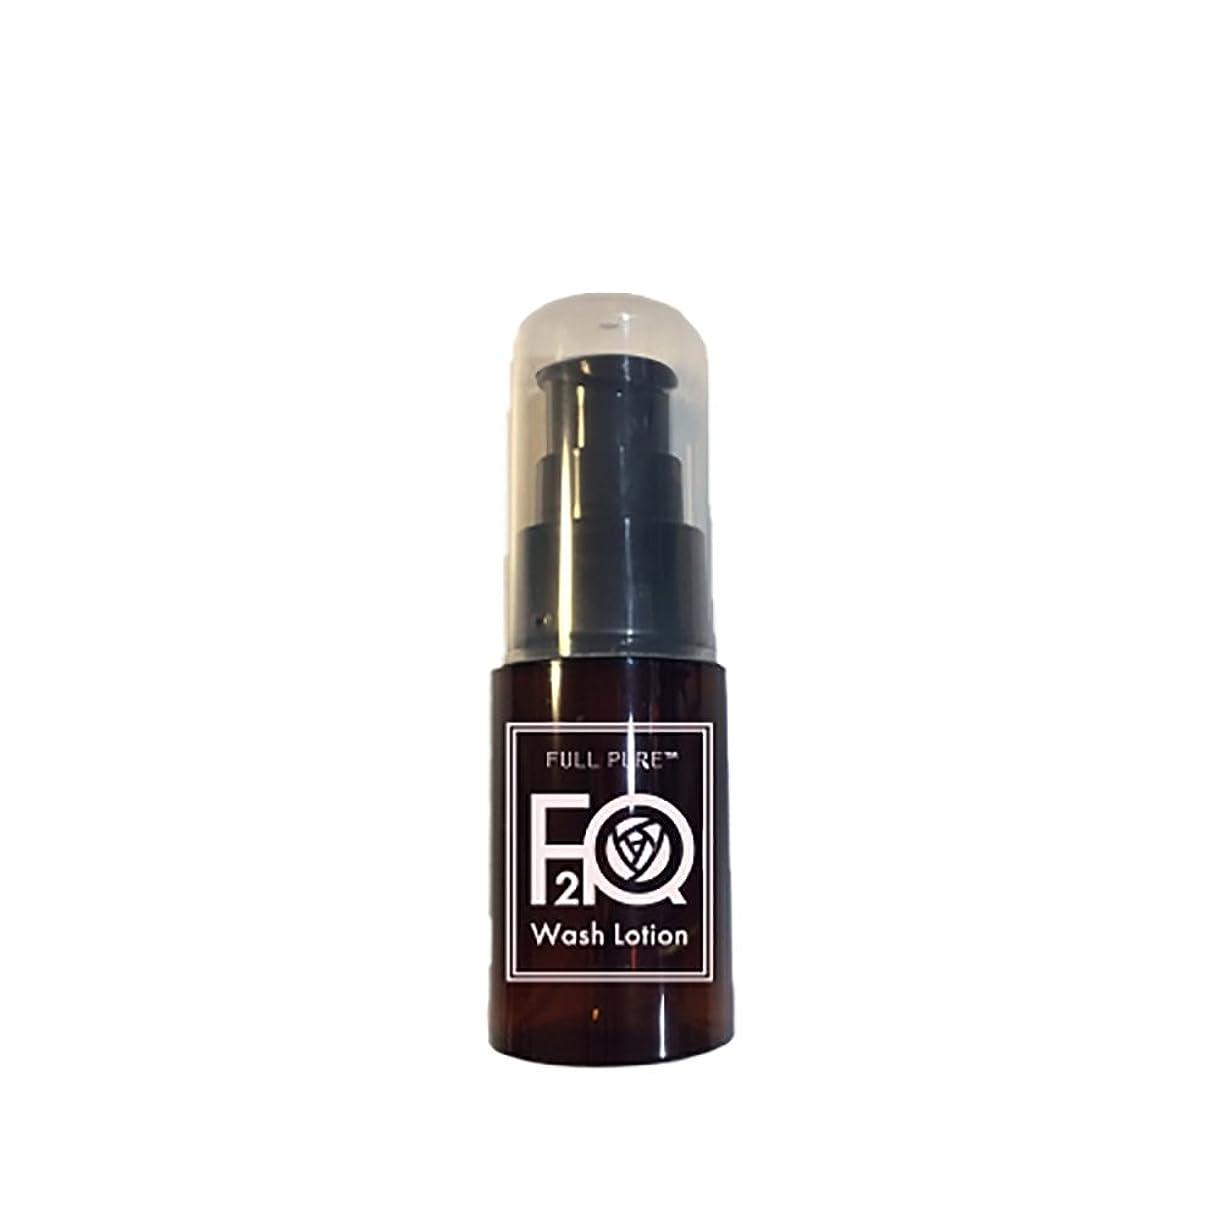 醸造所クモ傾向がありますフルボ酸 Full Pure フルピュア F2R フェイスウォッシュローション F2R_ローション (23ml)